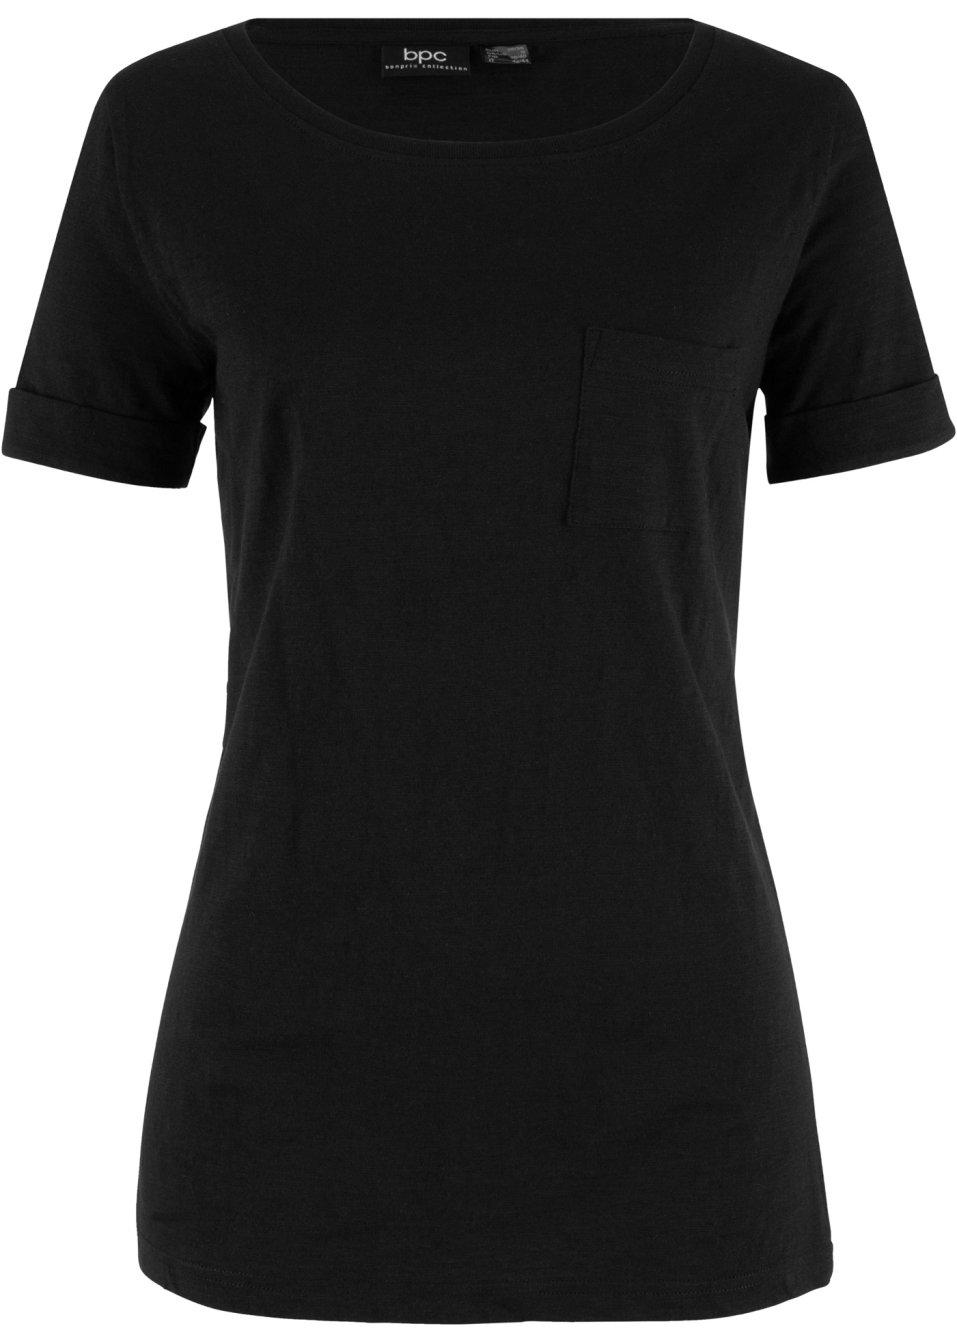 Figurgünstiges Baumwoll Flammgarn T-Shirt mit dekorativer Brusttasche - schwarz 7oUek H0V3T